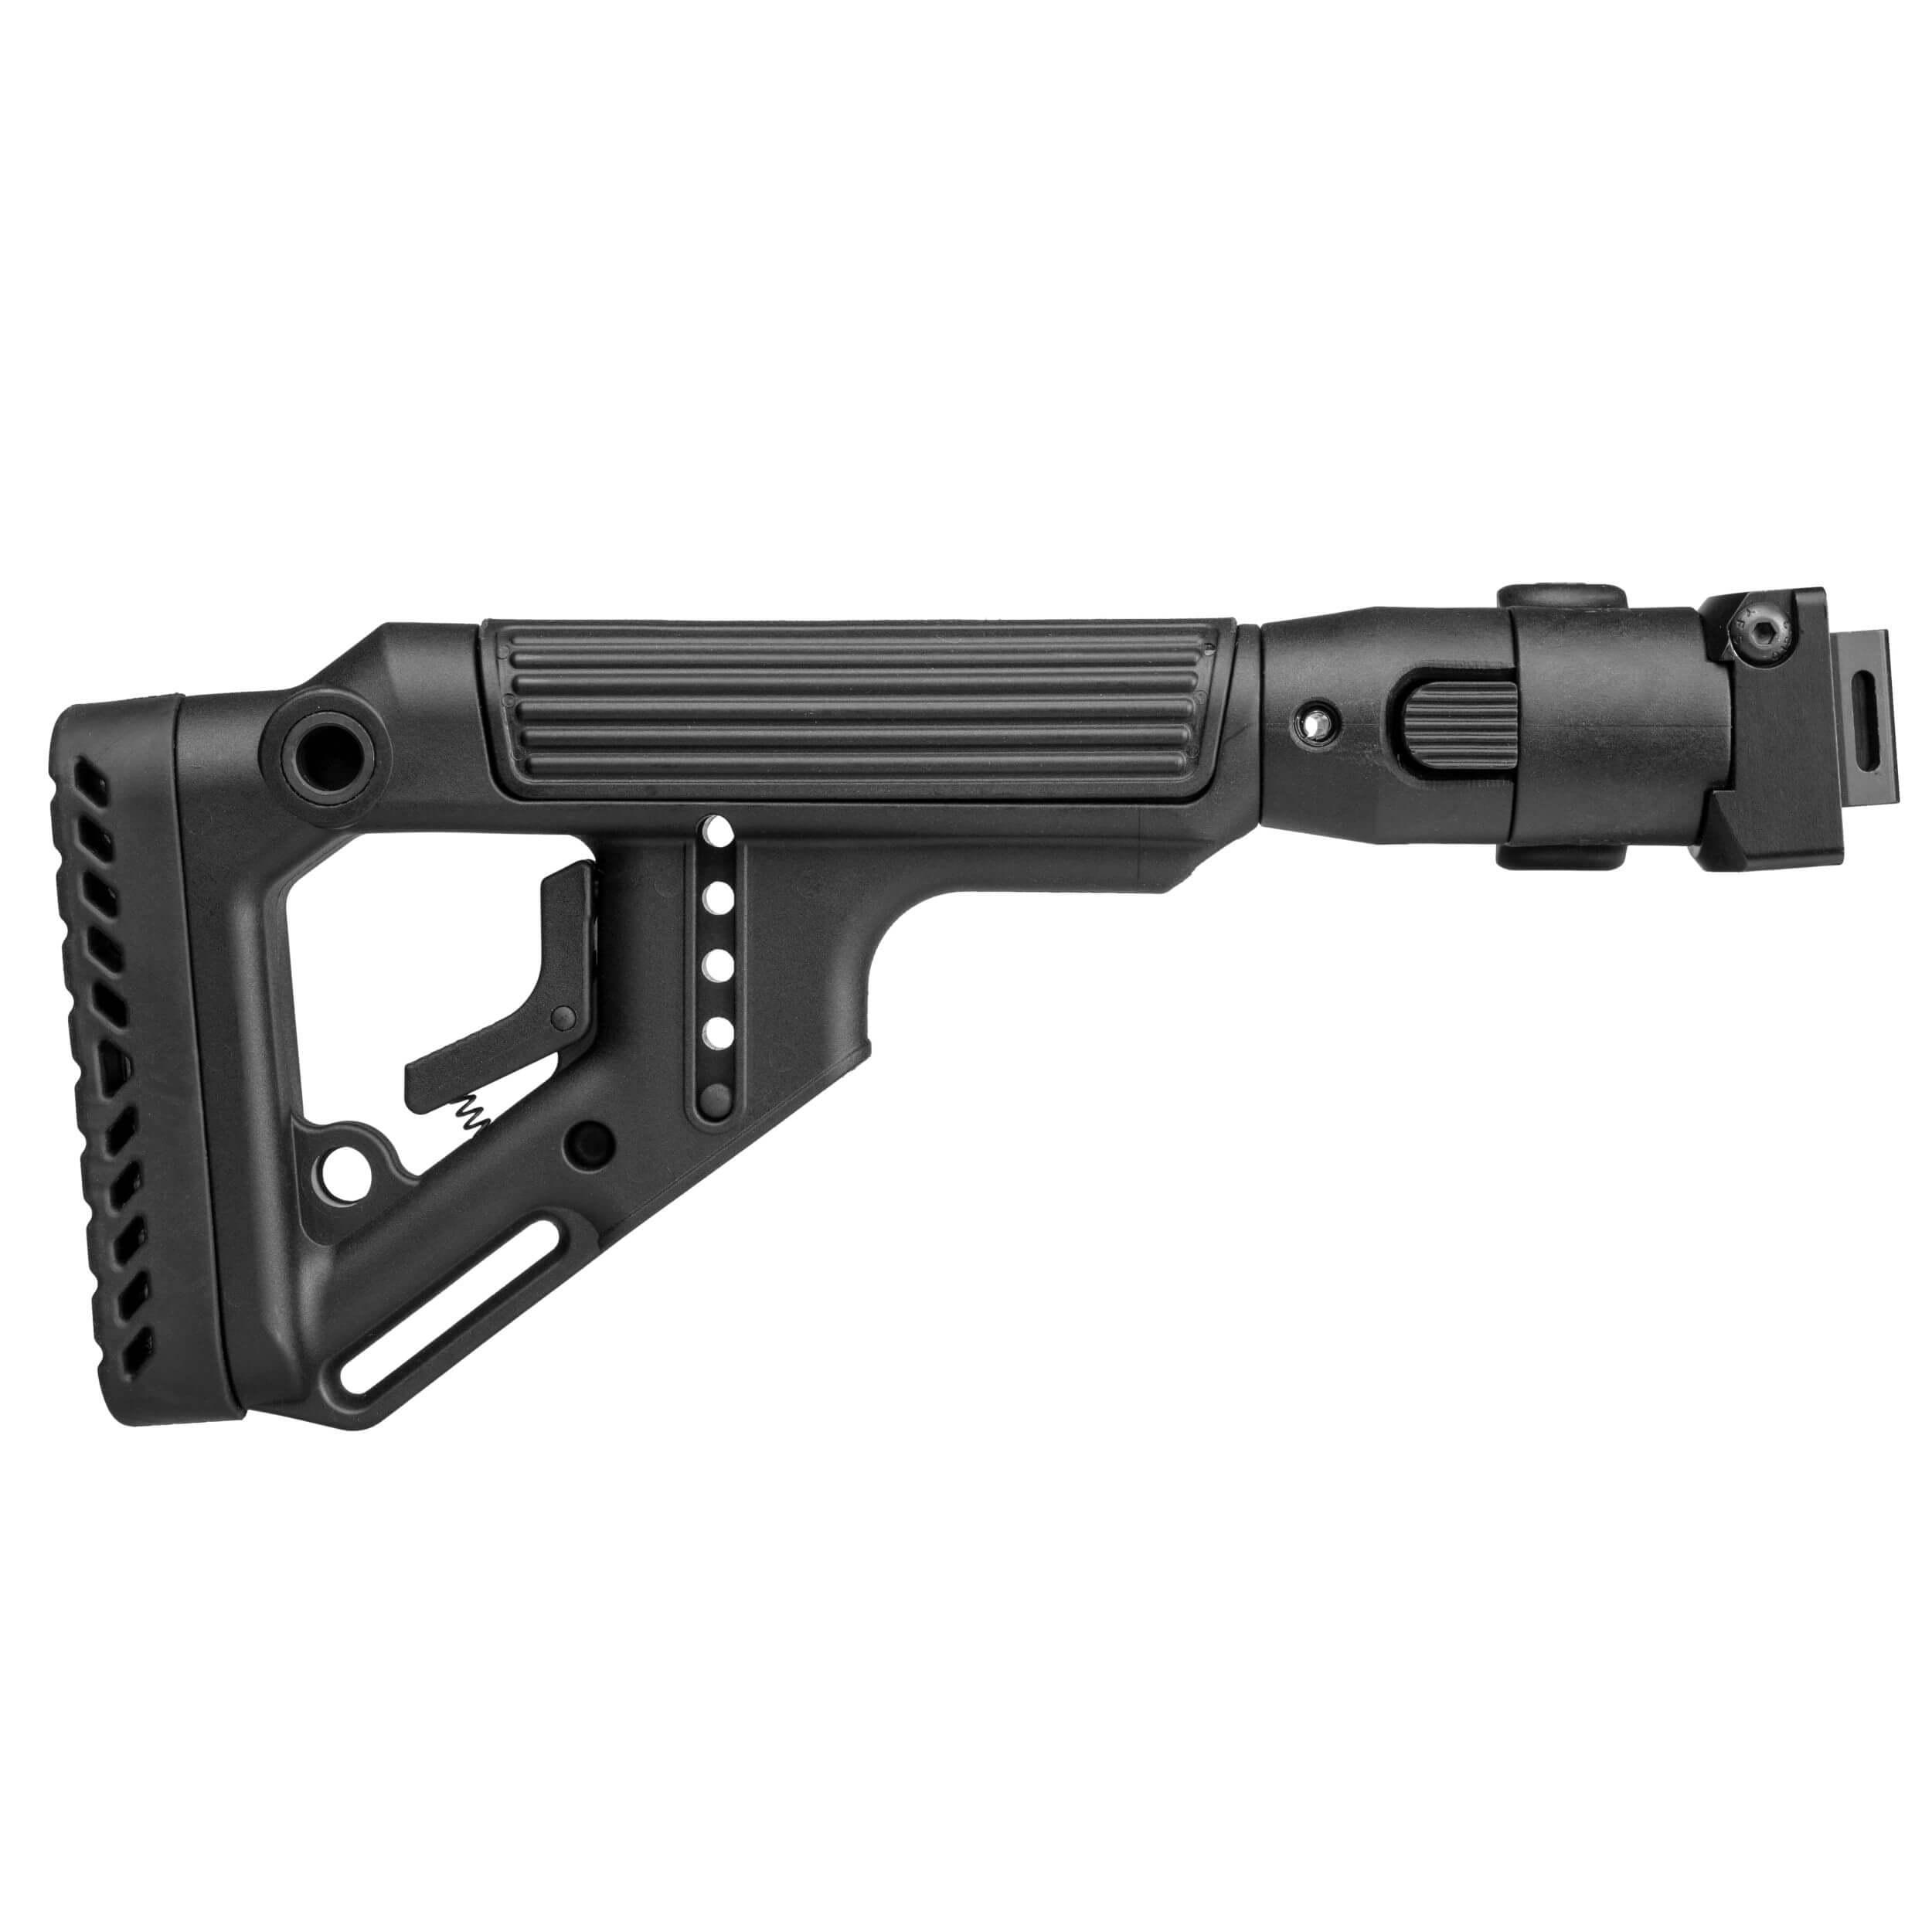 AKS-74U folding buttstock / cheek rest (Krinkov)